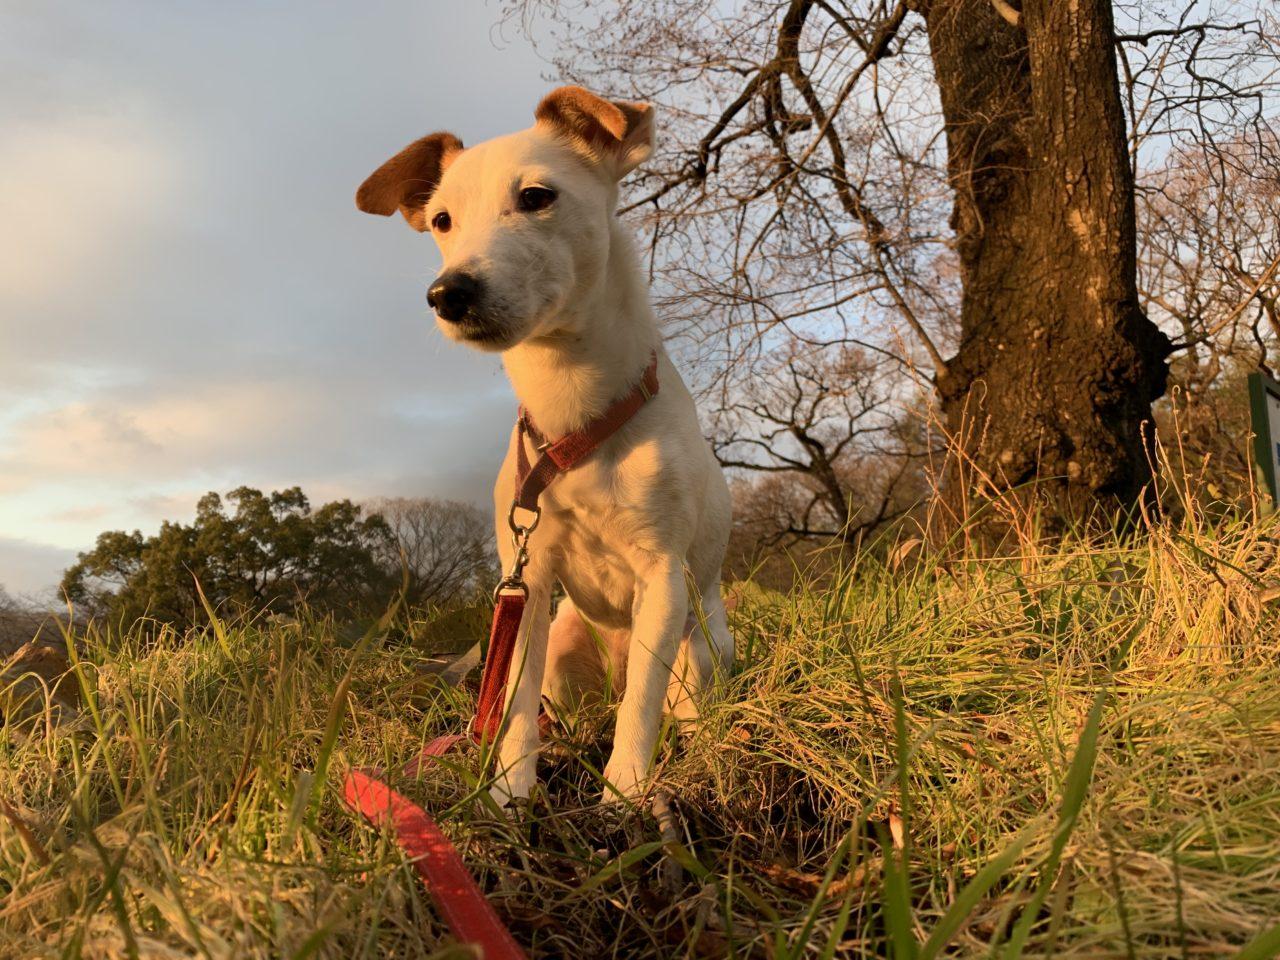 亀井の愛犬タリー